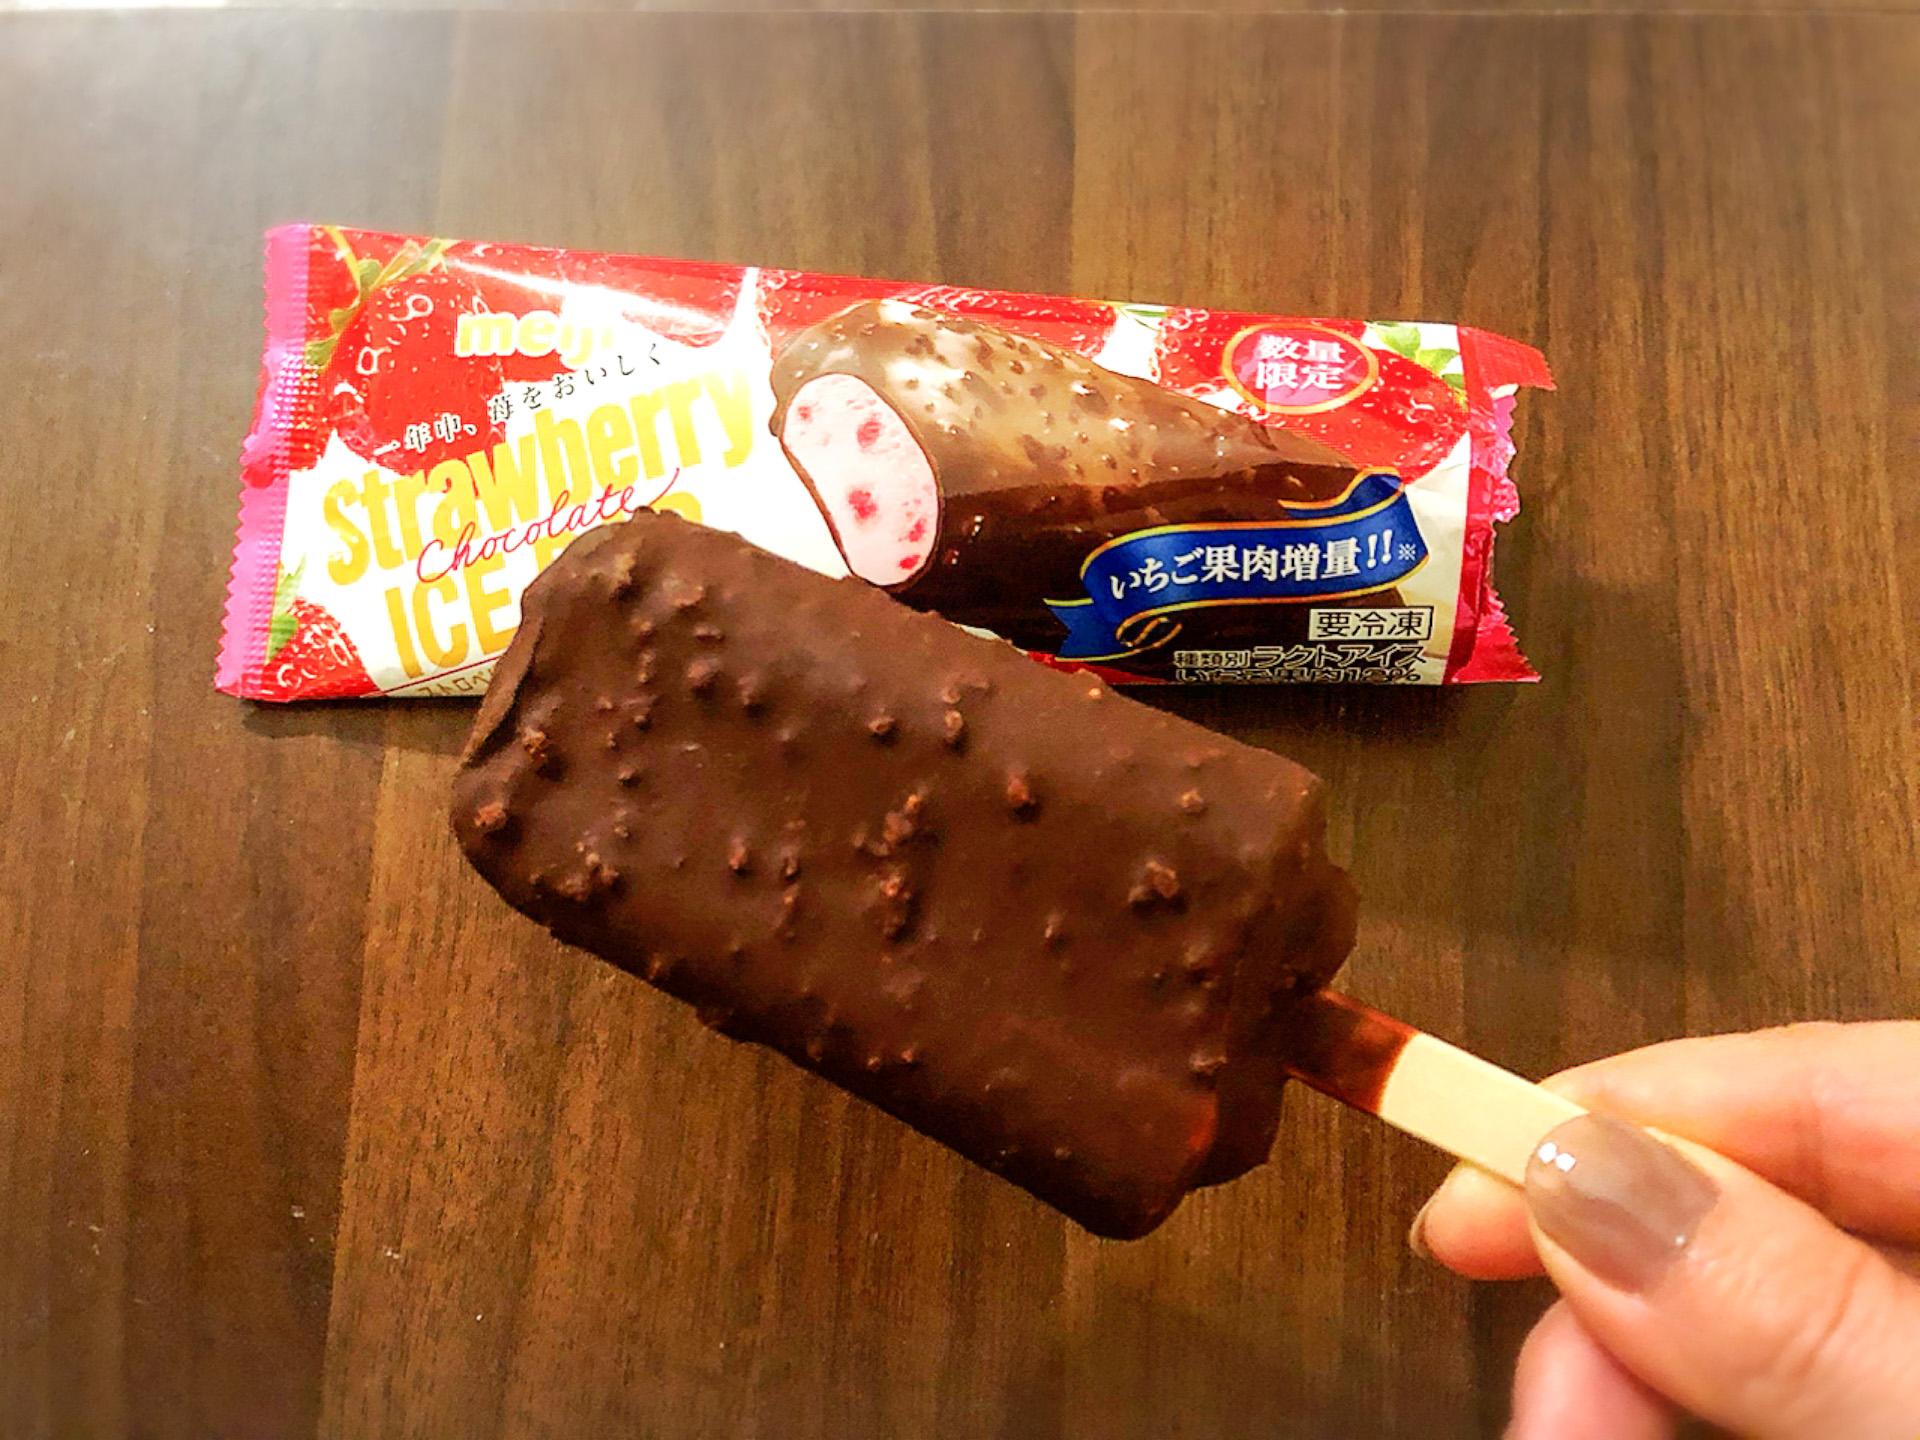 セブン数量限定リニューアル「明治ストロベリー チョコレートアイスバー」